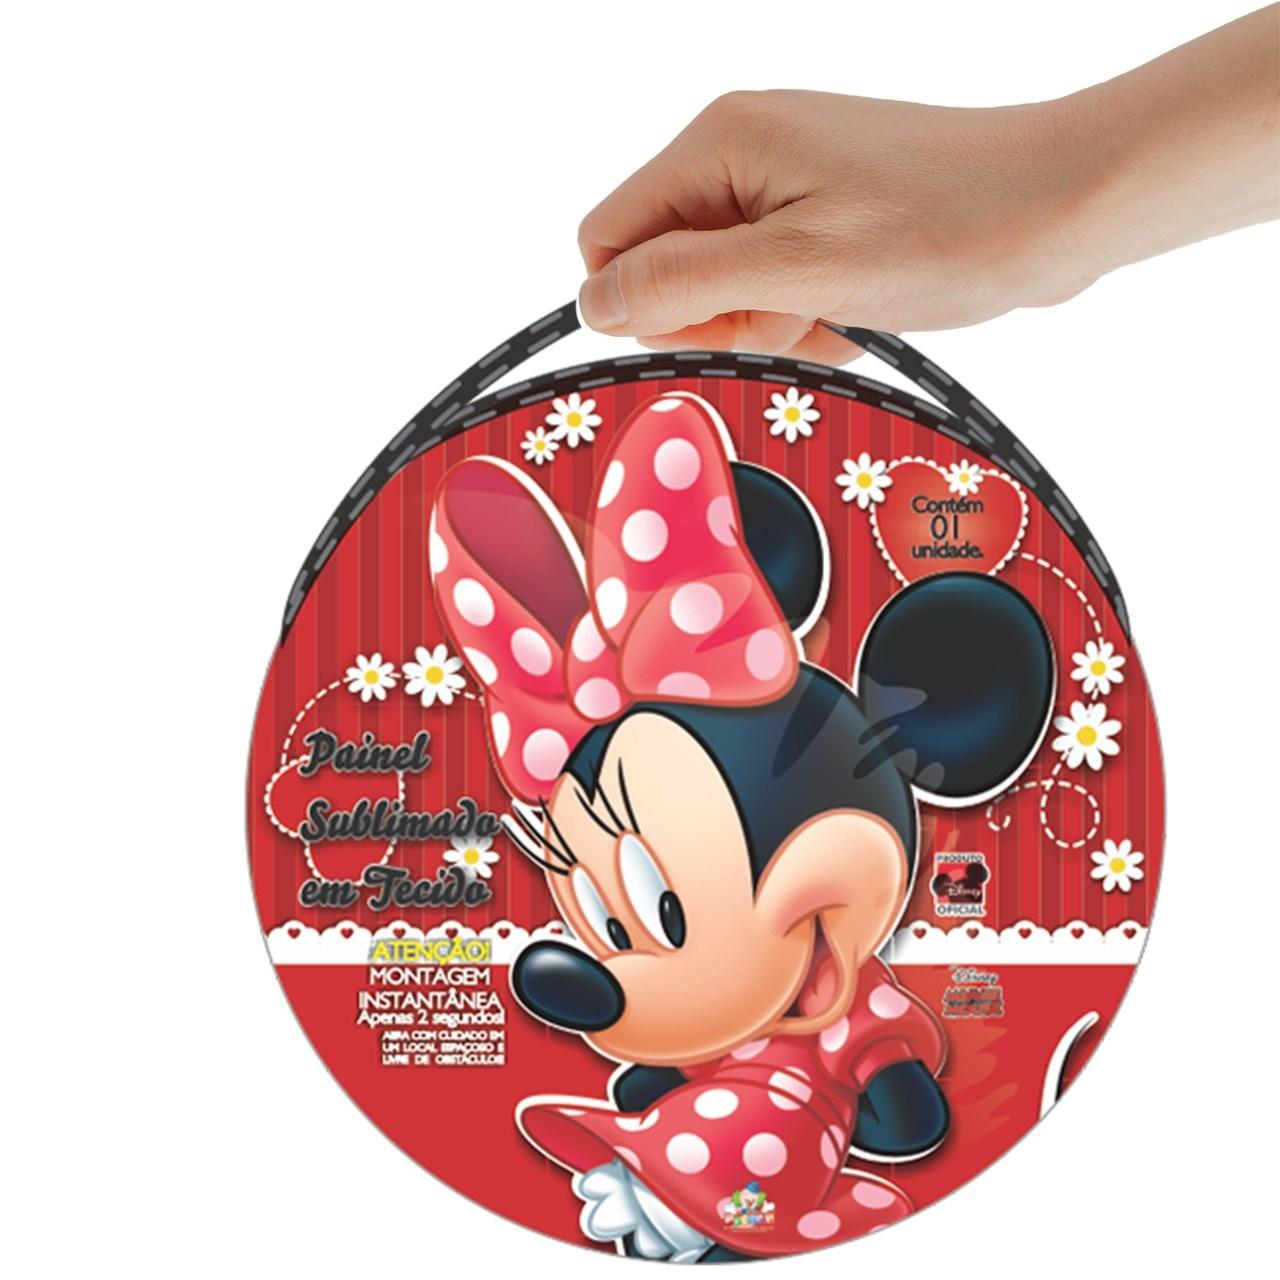 Painel Sublimado em Tecido  Minnie Mouse